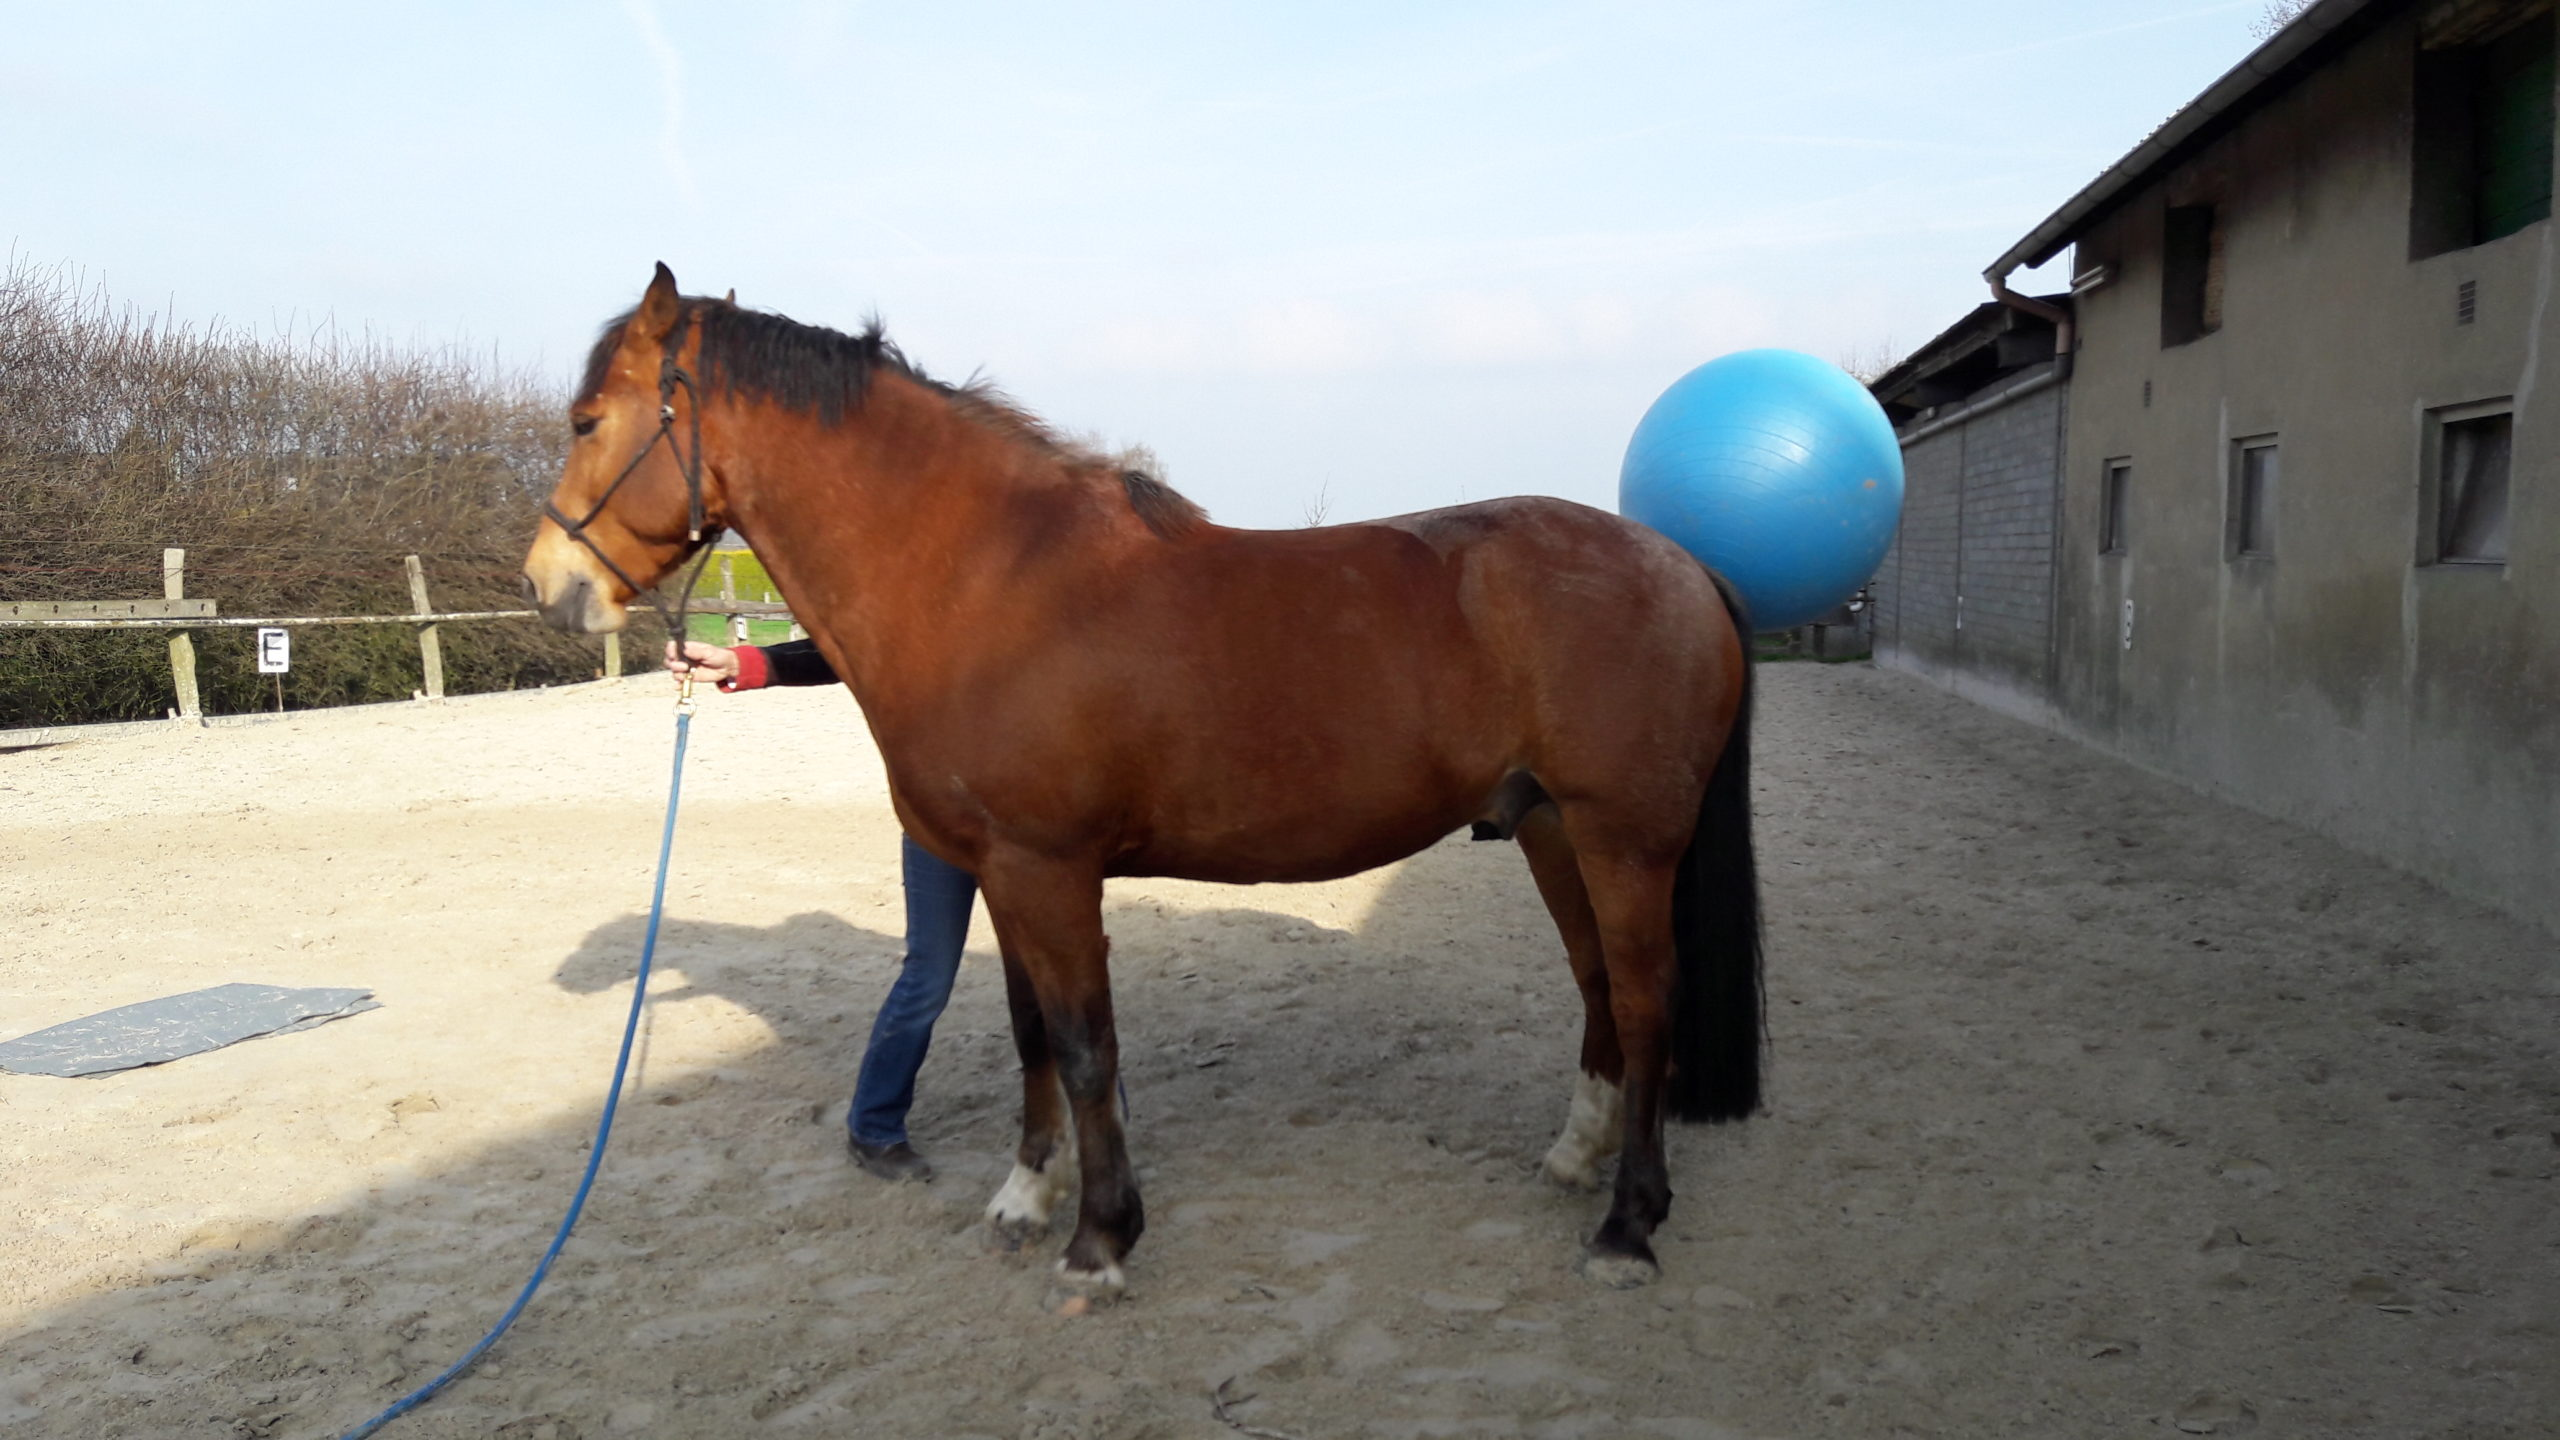 20170326_101730 die pferdegrundschule popeye und der blaue Ball